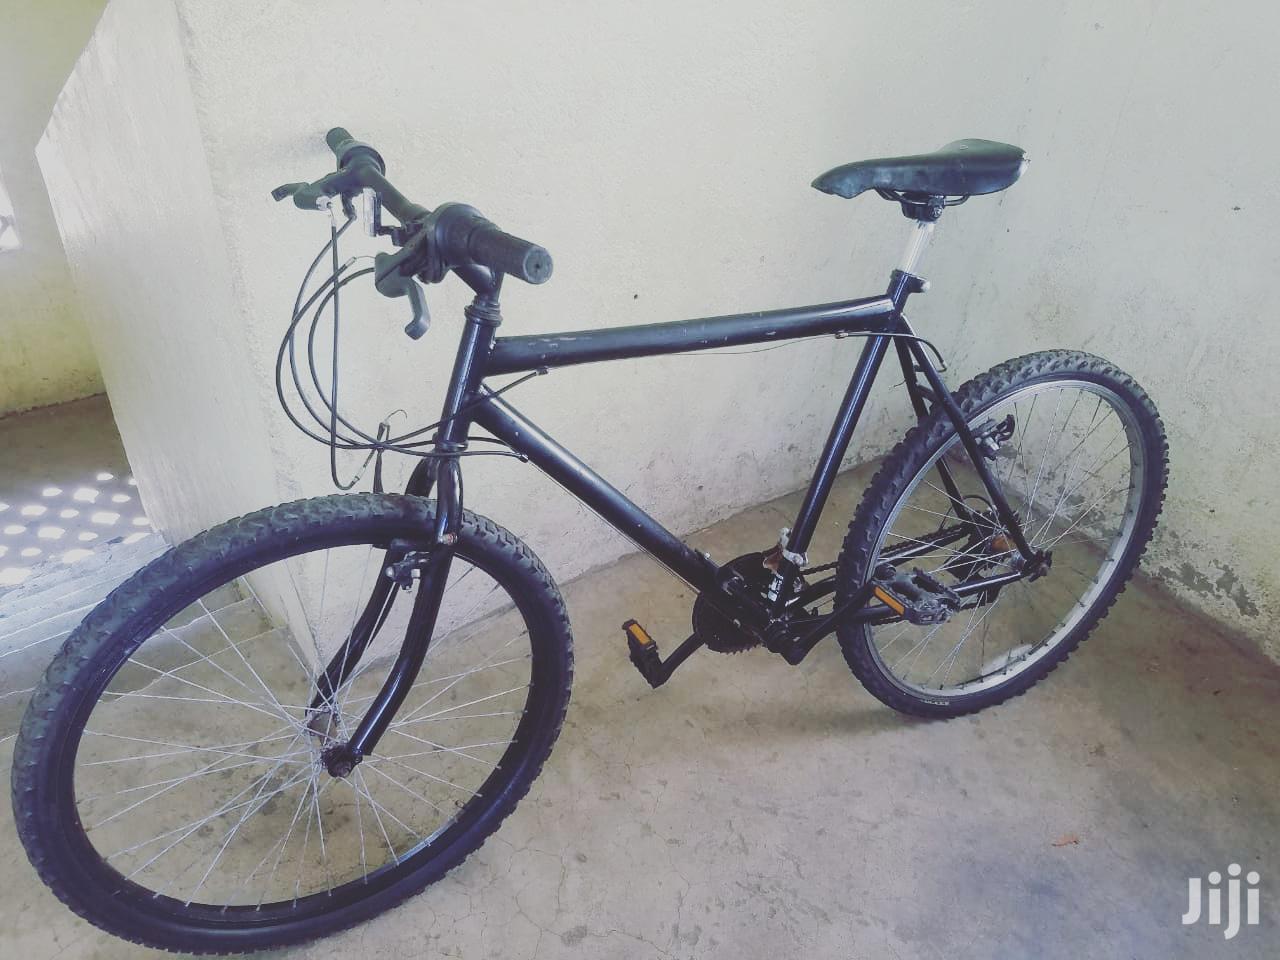 Ex-Uk Bike | Sports Equipment for sale in Makadara, Nairobi, Kenya